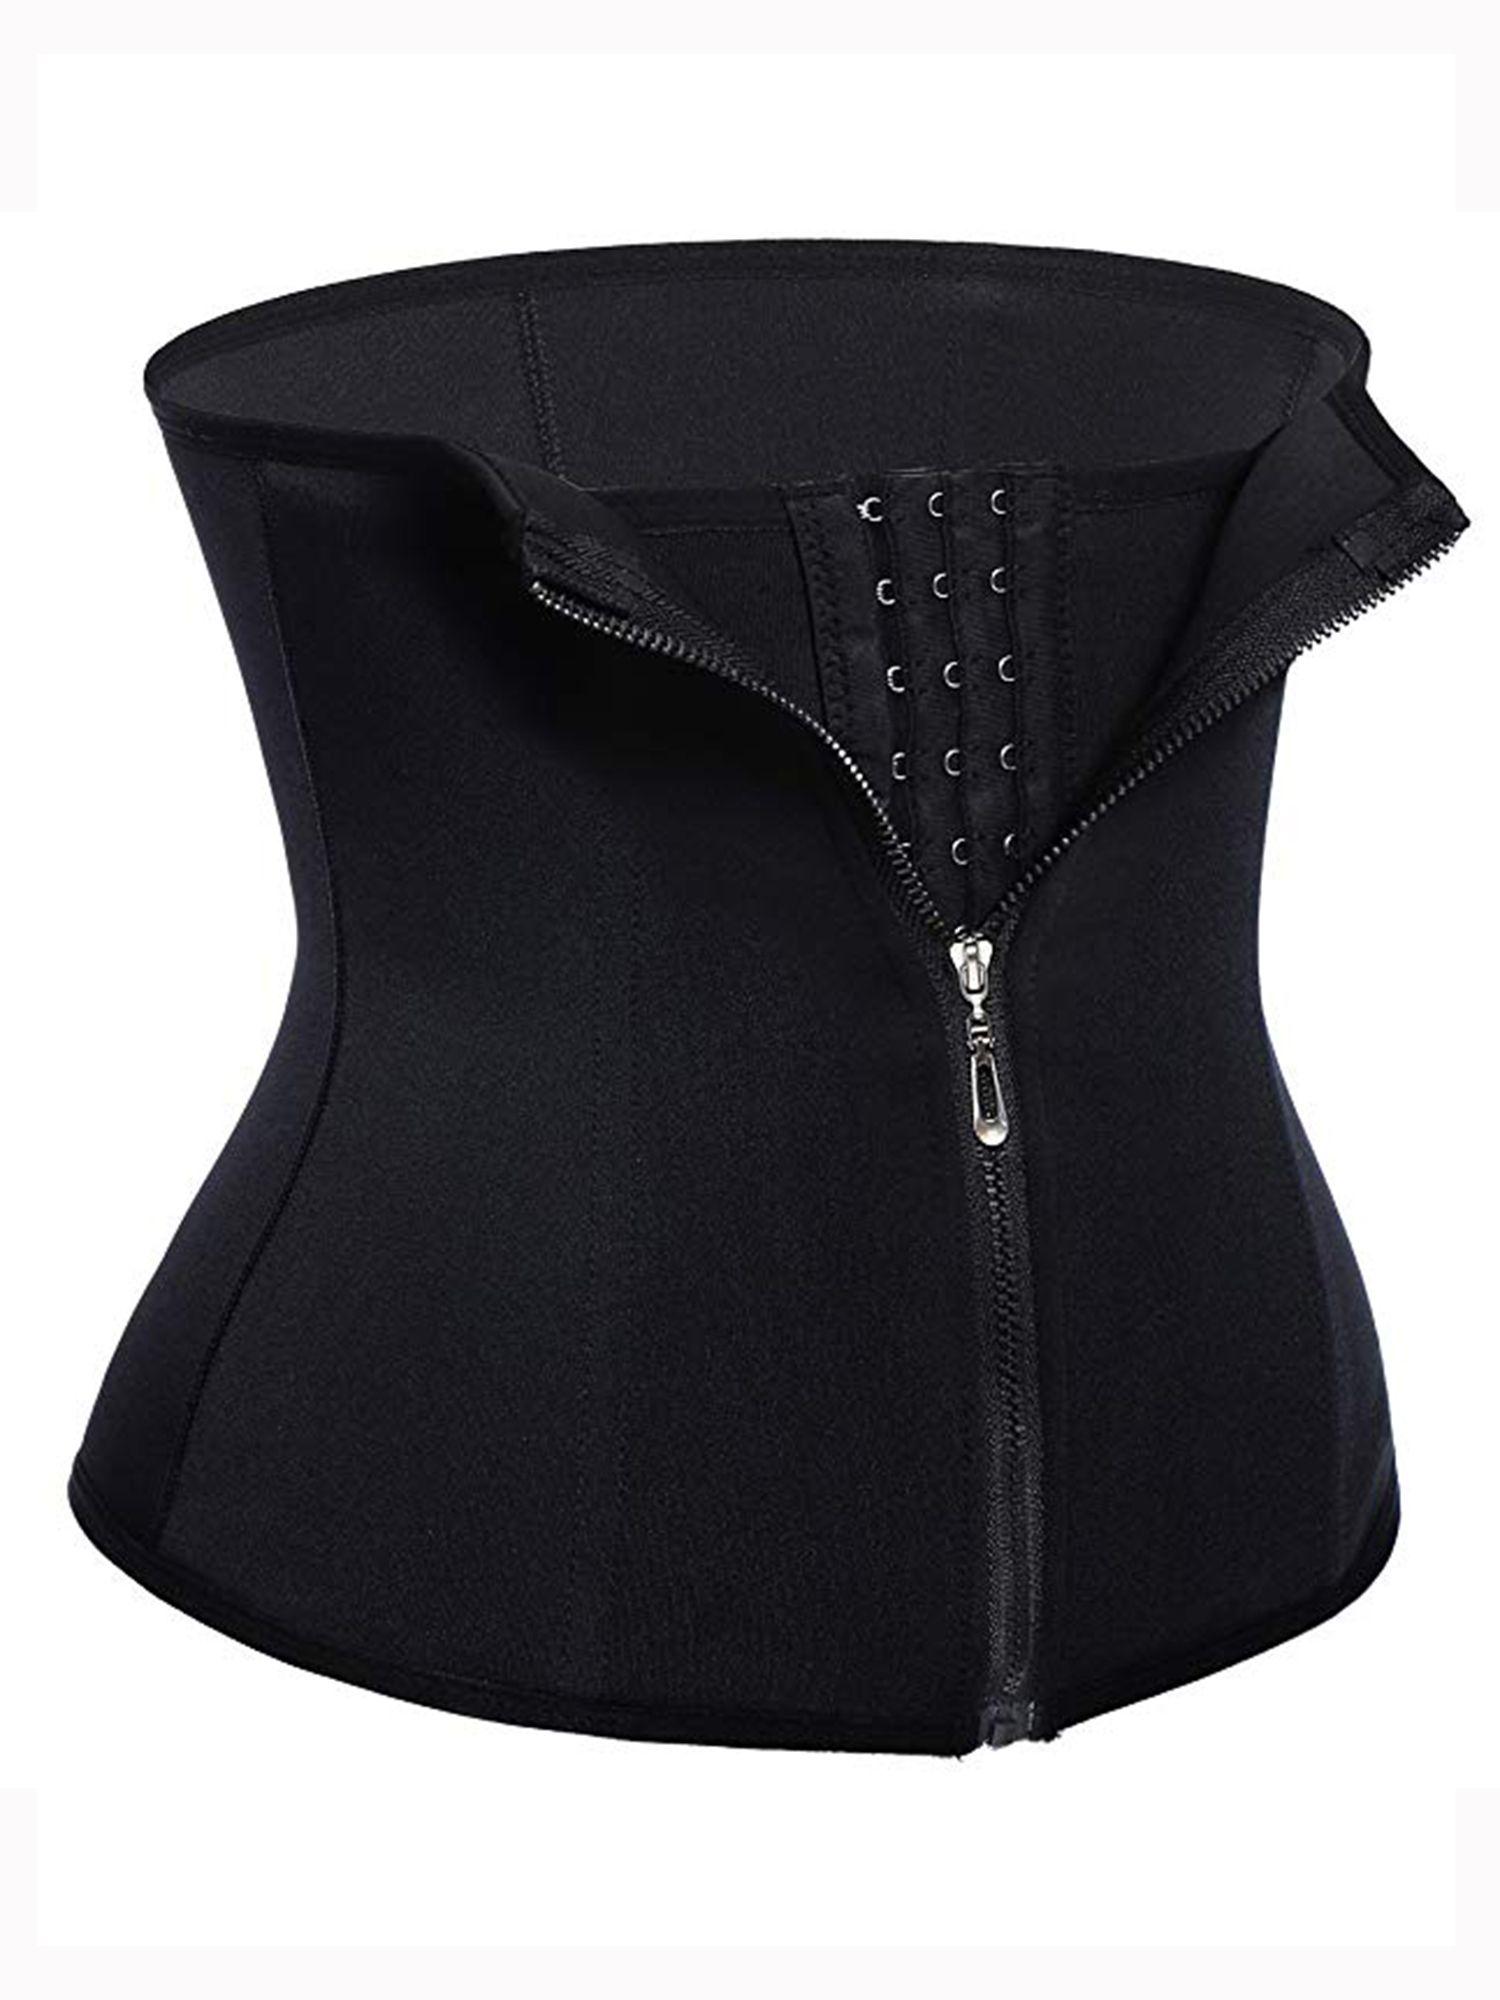 41aa28c1f9 LELINTA Women Waist Trainer Corset Cincher Zipper Body Shaper for Weight  Loss Girdle Top Tummy Underwear